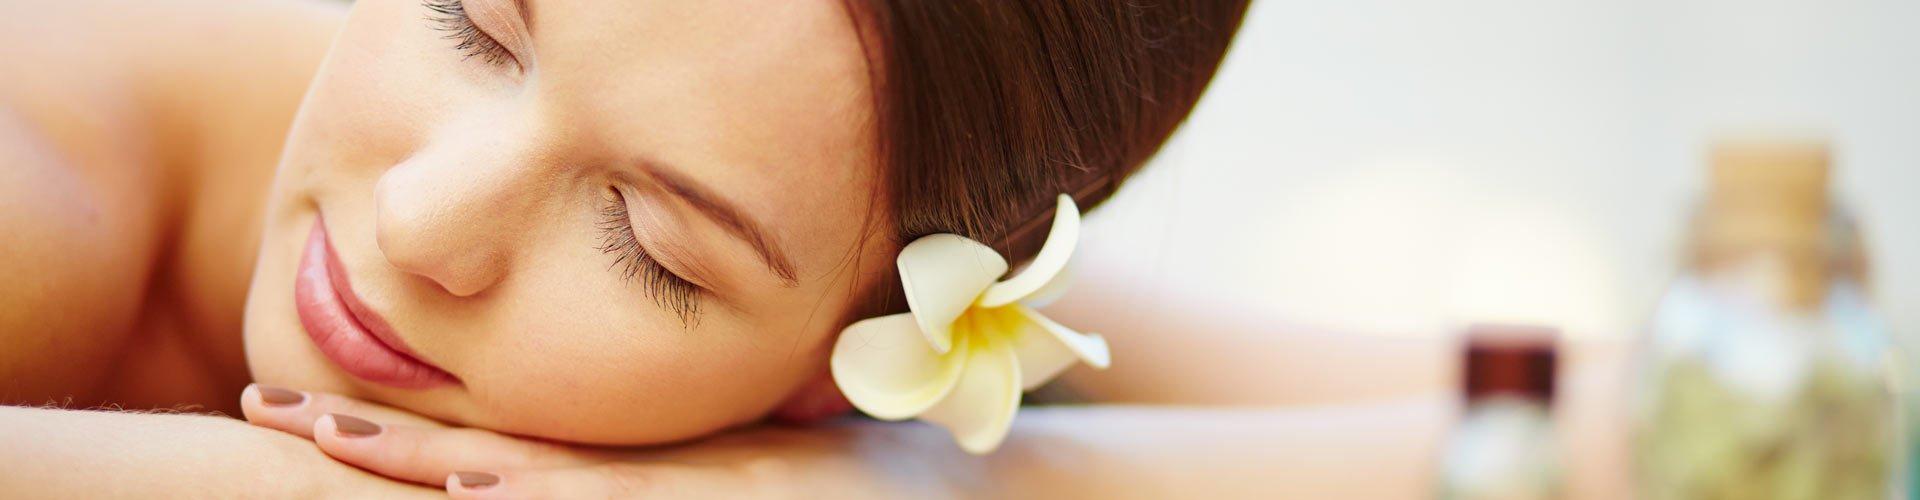 massage-ayurveda